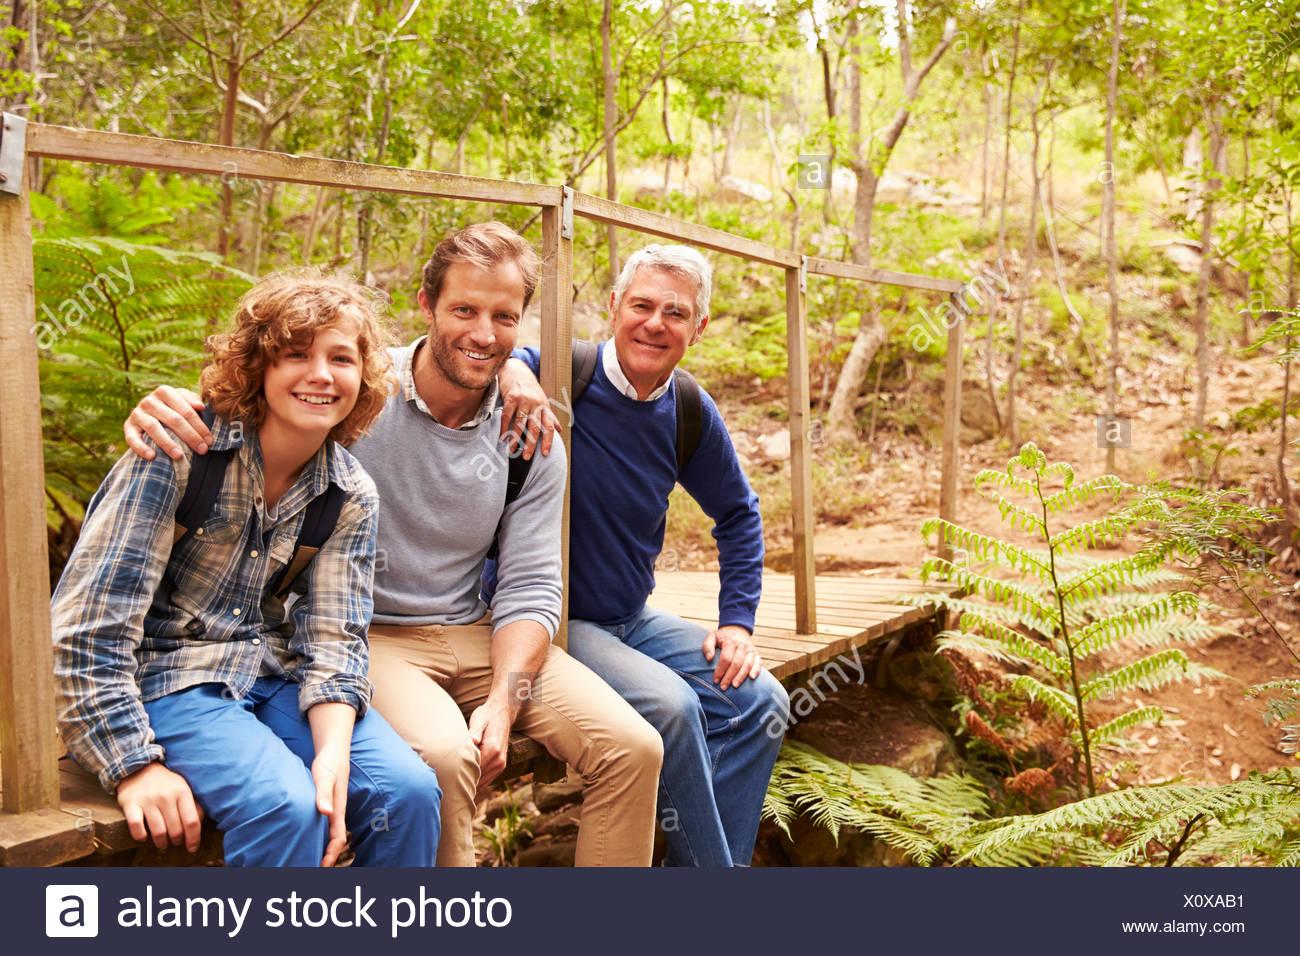 Trois générations d'hommes sur un pont dans une forêt, portrait Photo Stock